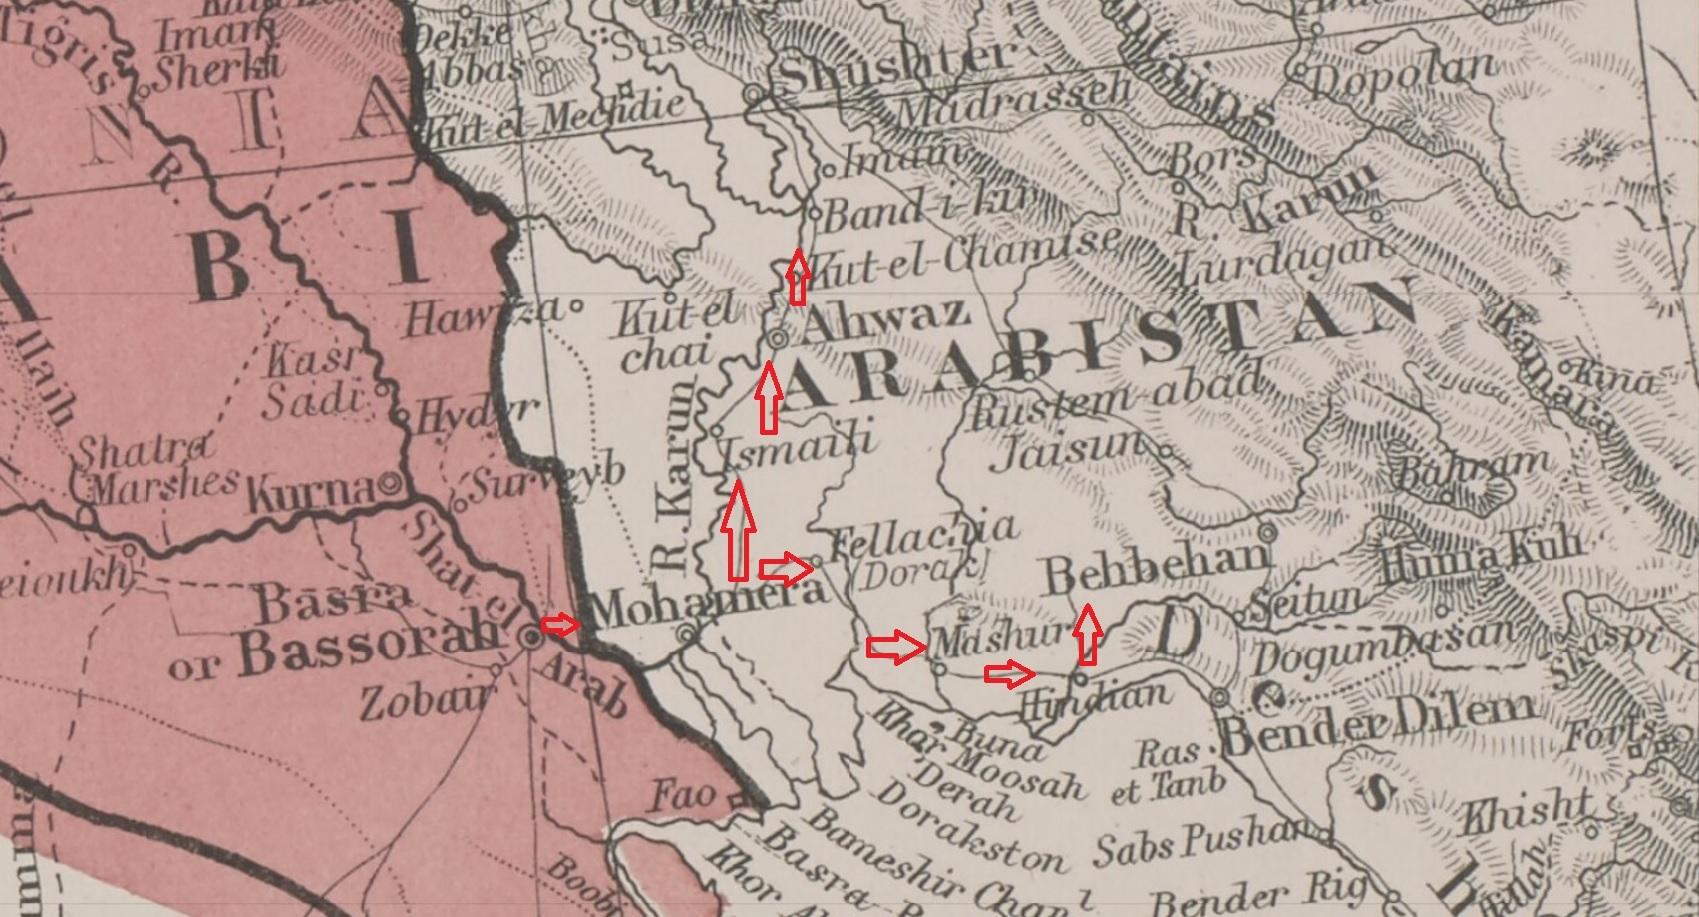 الأحواز بمذكرات الرحالة الإنجليزي، جي.اتش.ستوشلر.اسحاق 1831